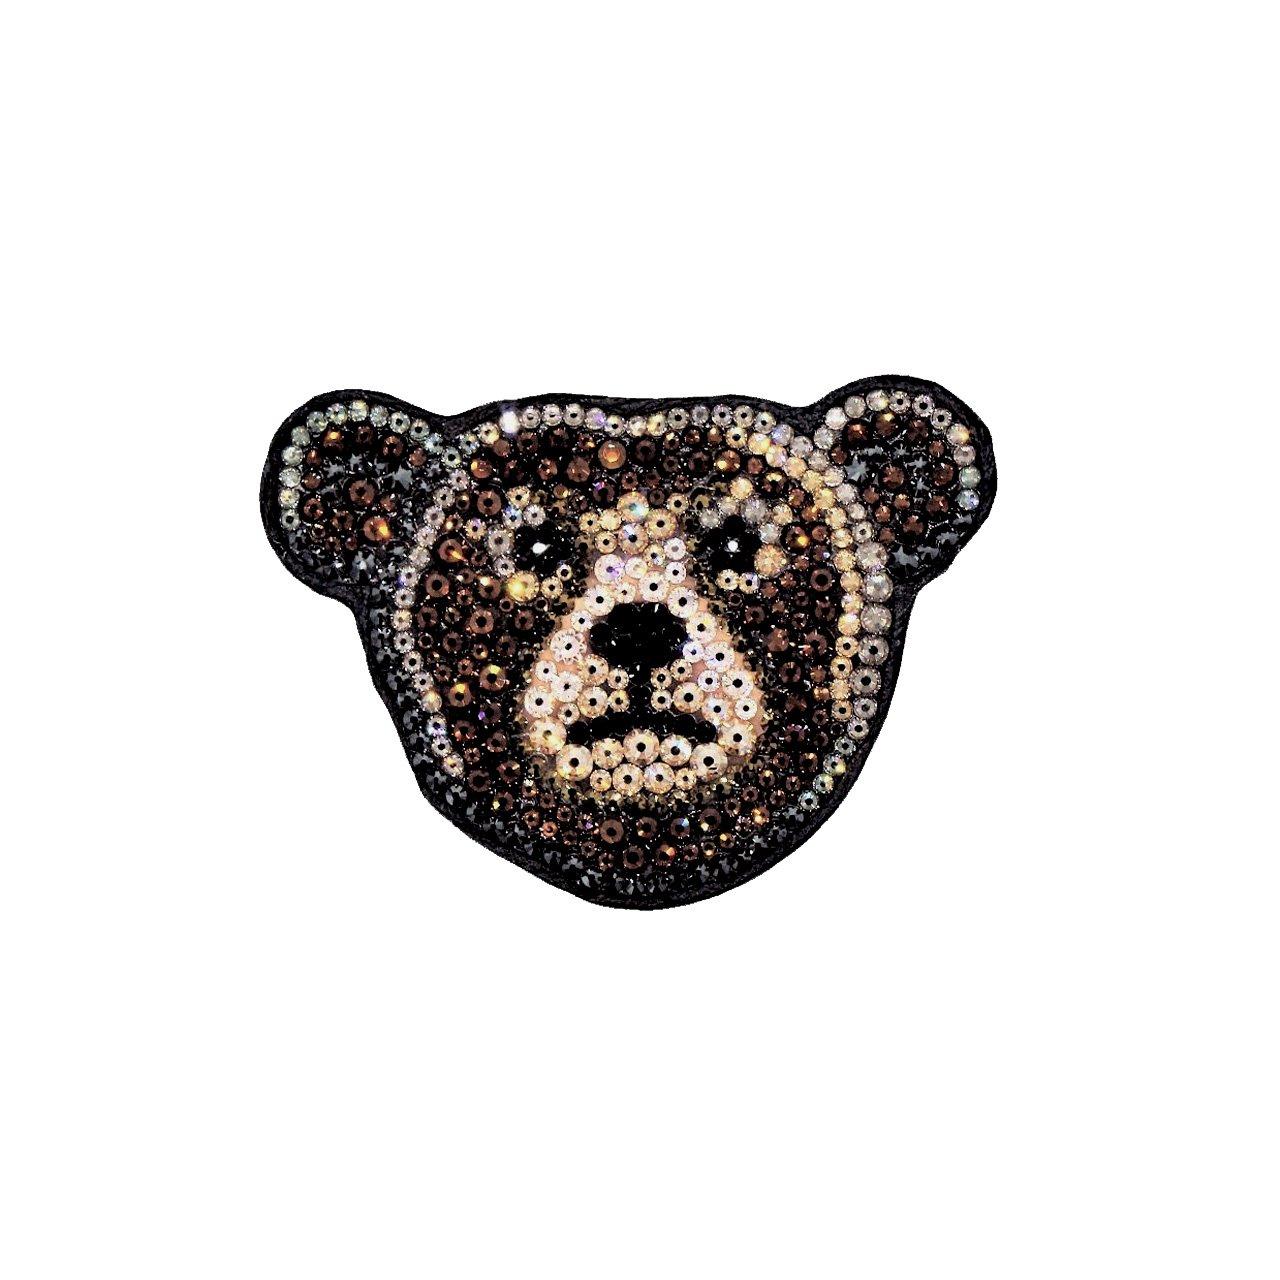 【Bear】